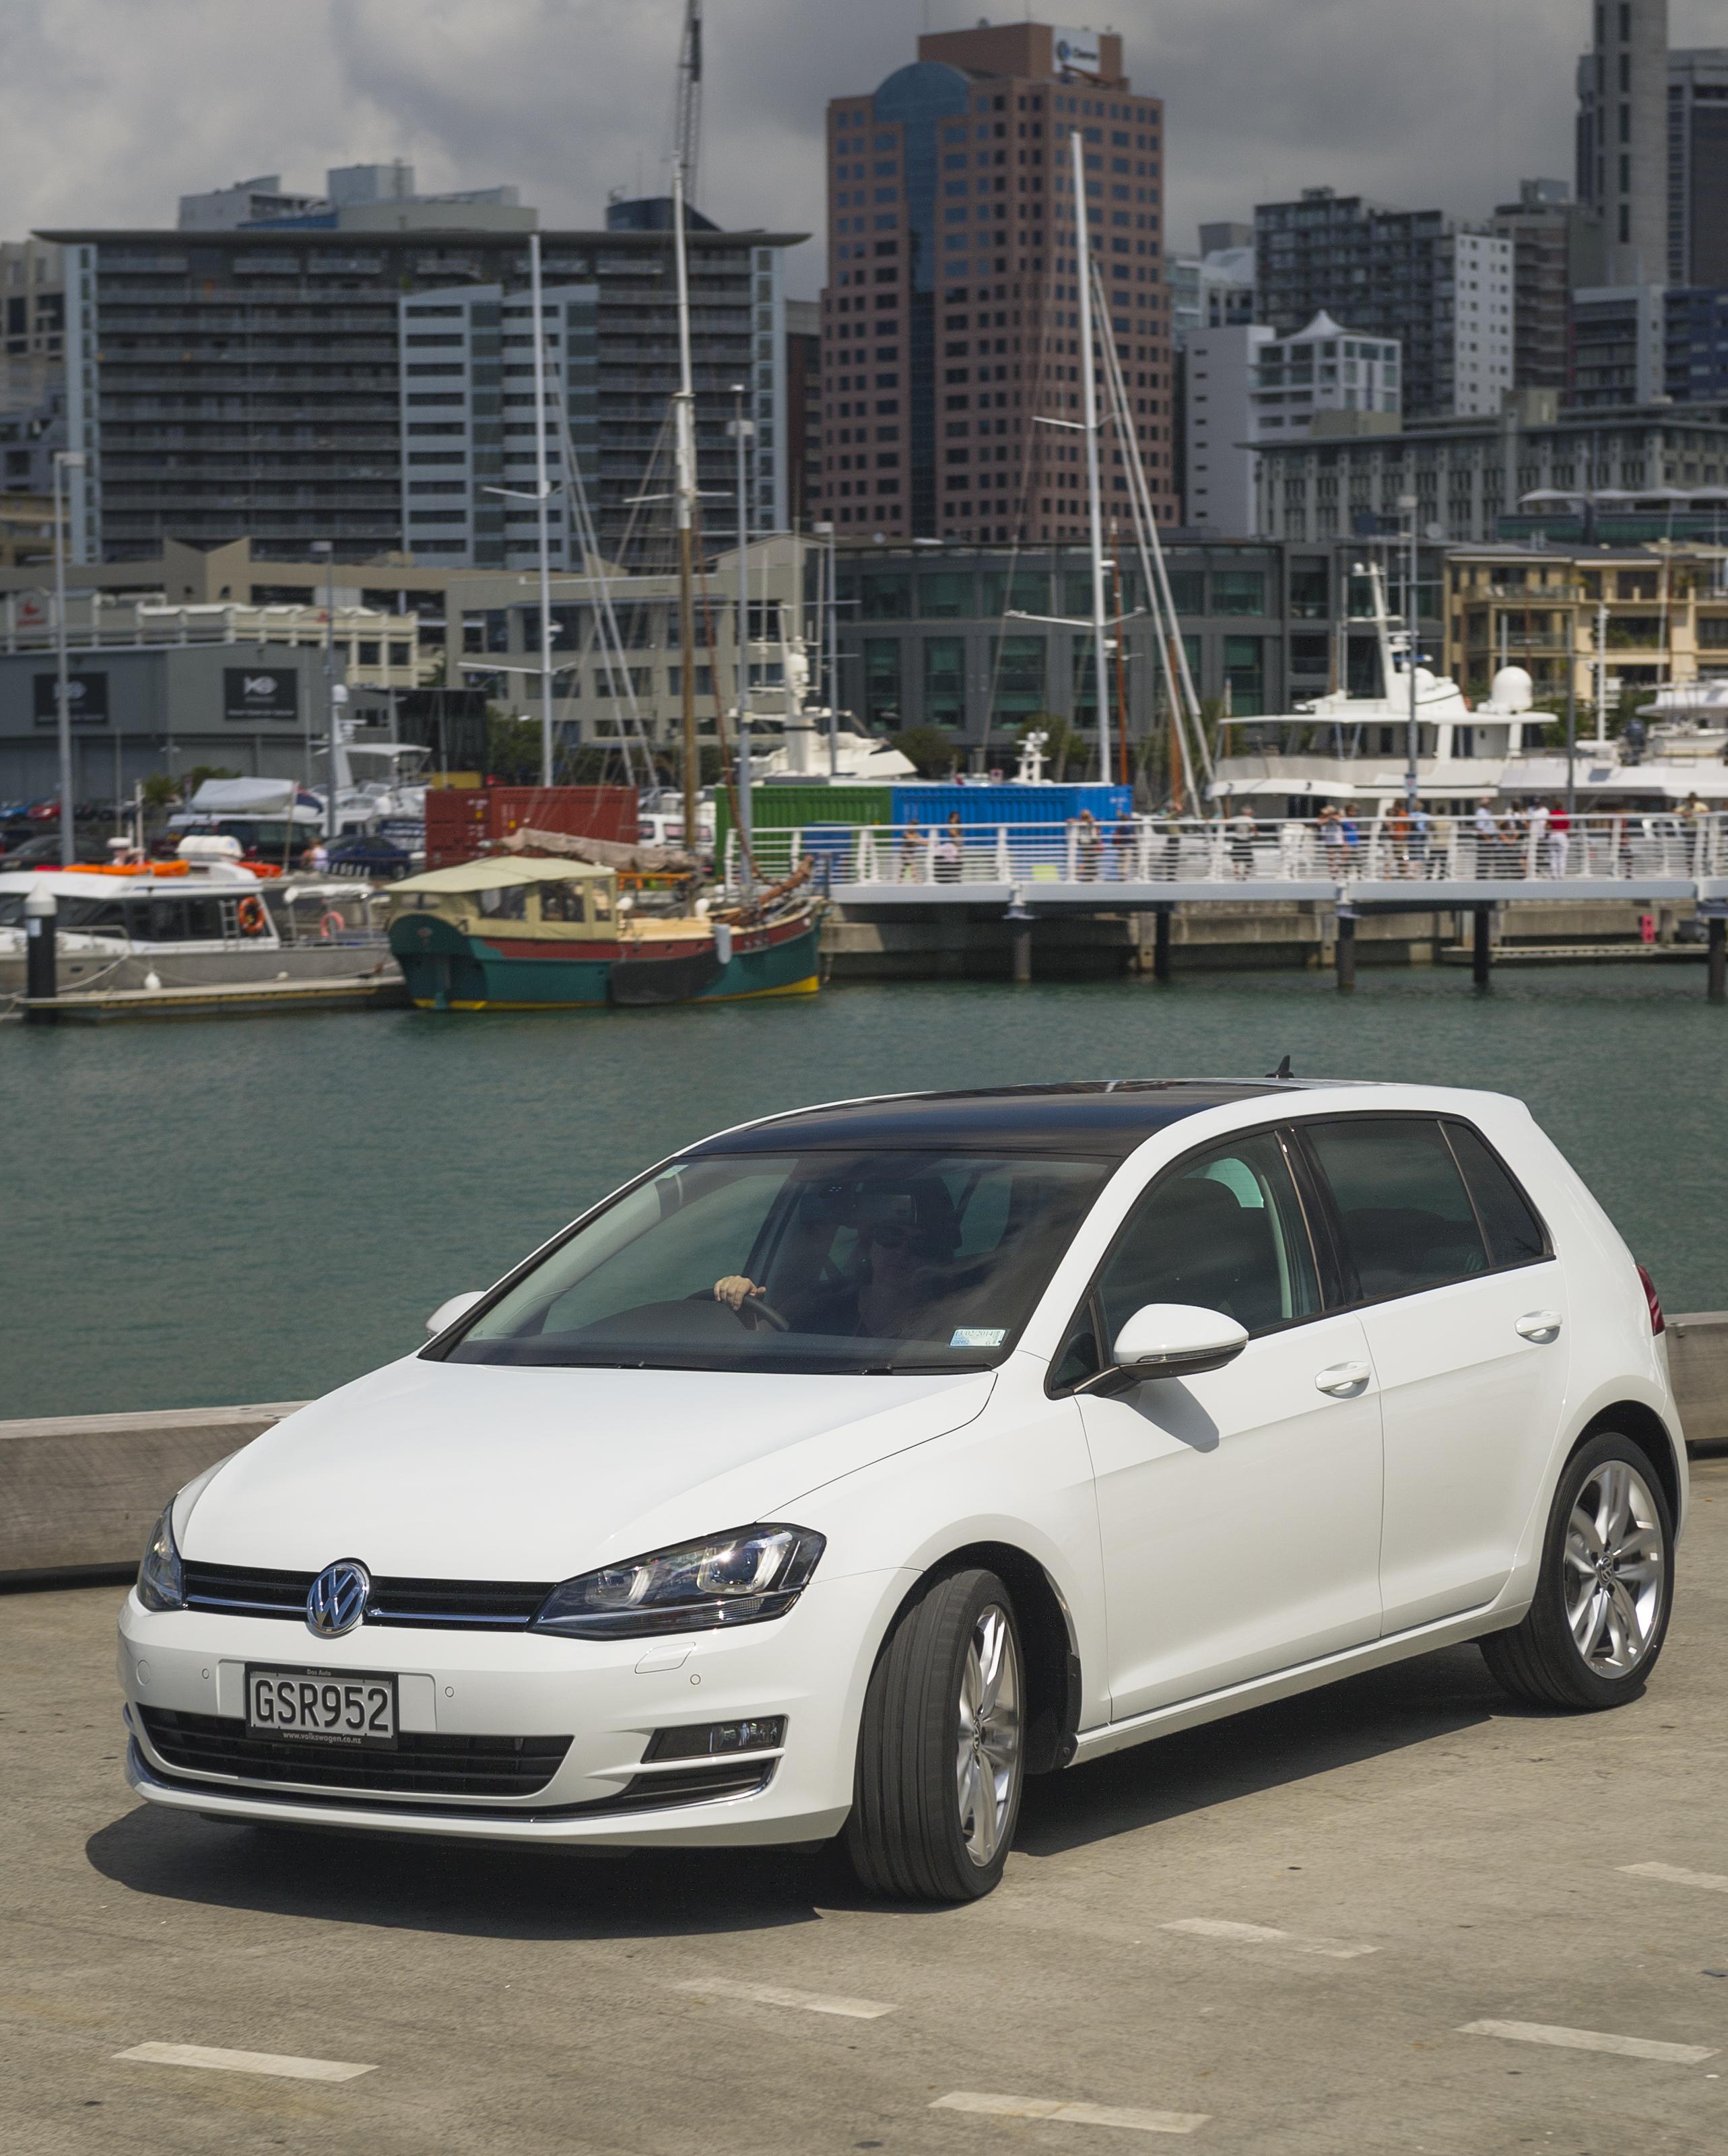 Car Buyers Guide Buying European Nz Herald